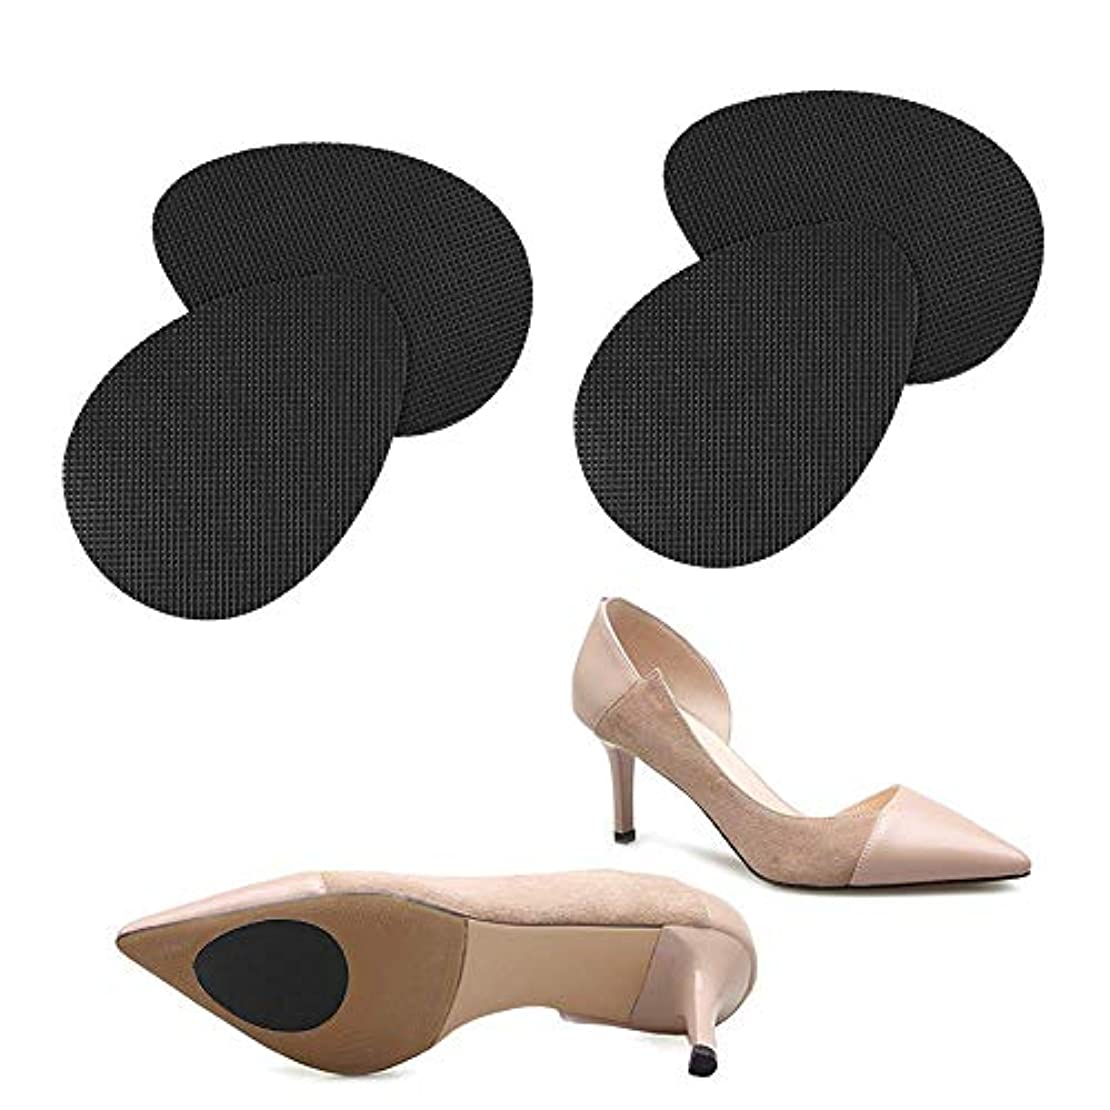 不明瞭消費者ここにWAGOCORO靴 ハイヒール 滑り止め ステッカー スリップガード 保護 シート つま先 かかと 滑り止め (2足 4枚入り)